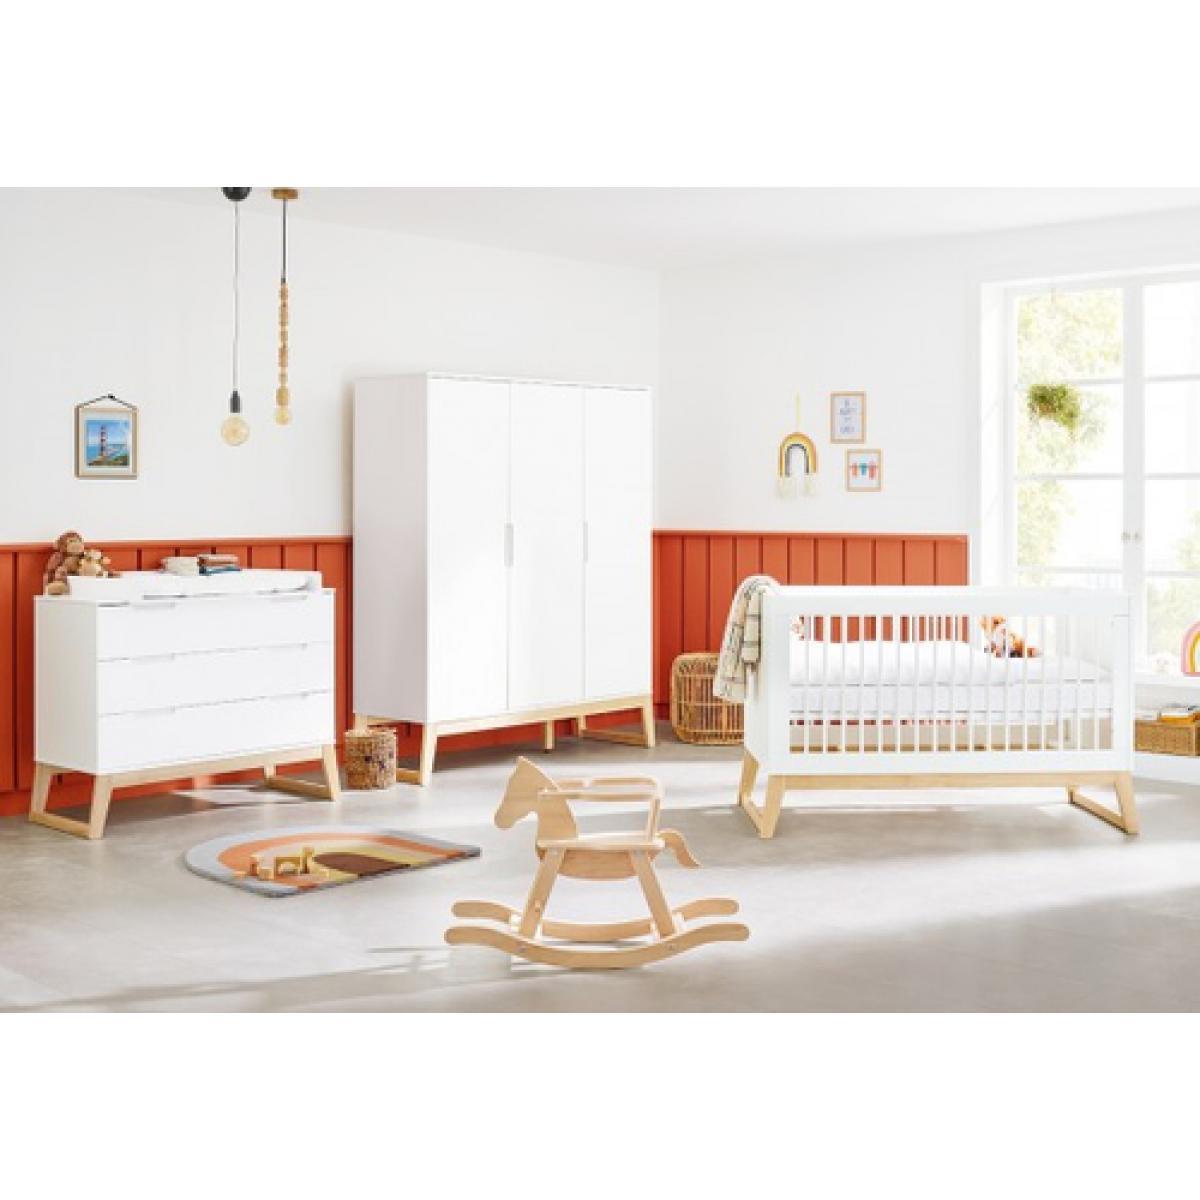 Pinolino Pinolino Chambre de bébé Bridge 3 pièces lit de bébé évolutif commode à langer armoire grande